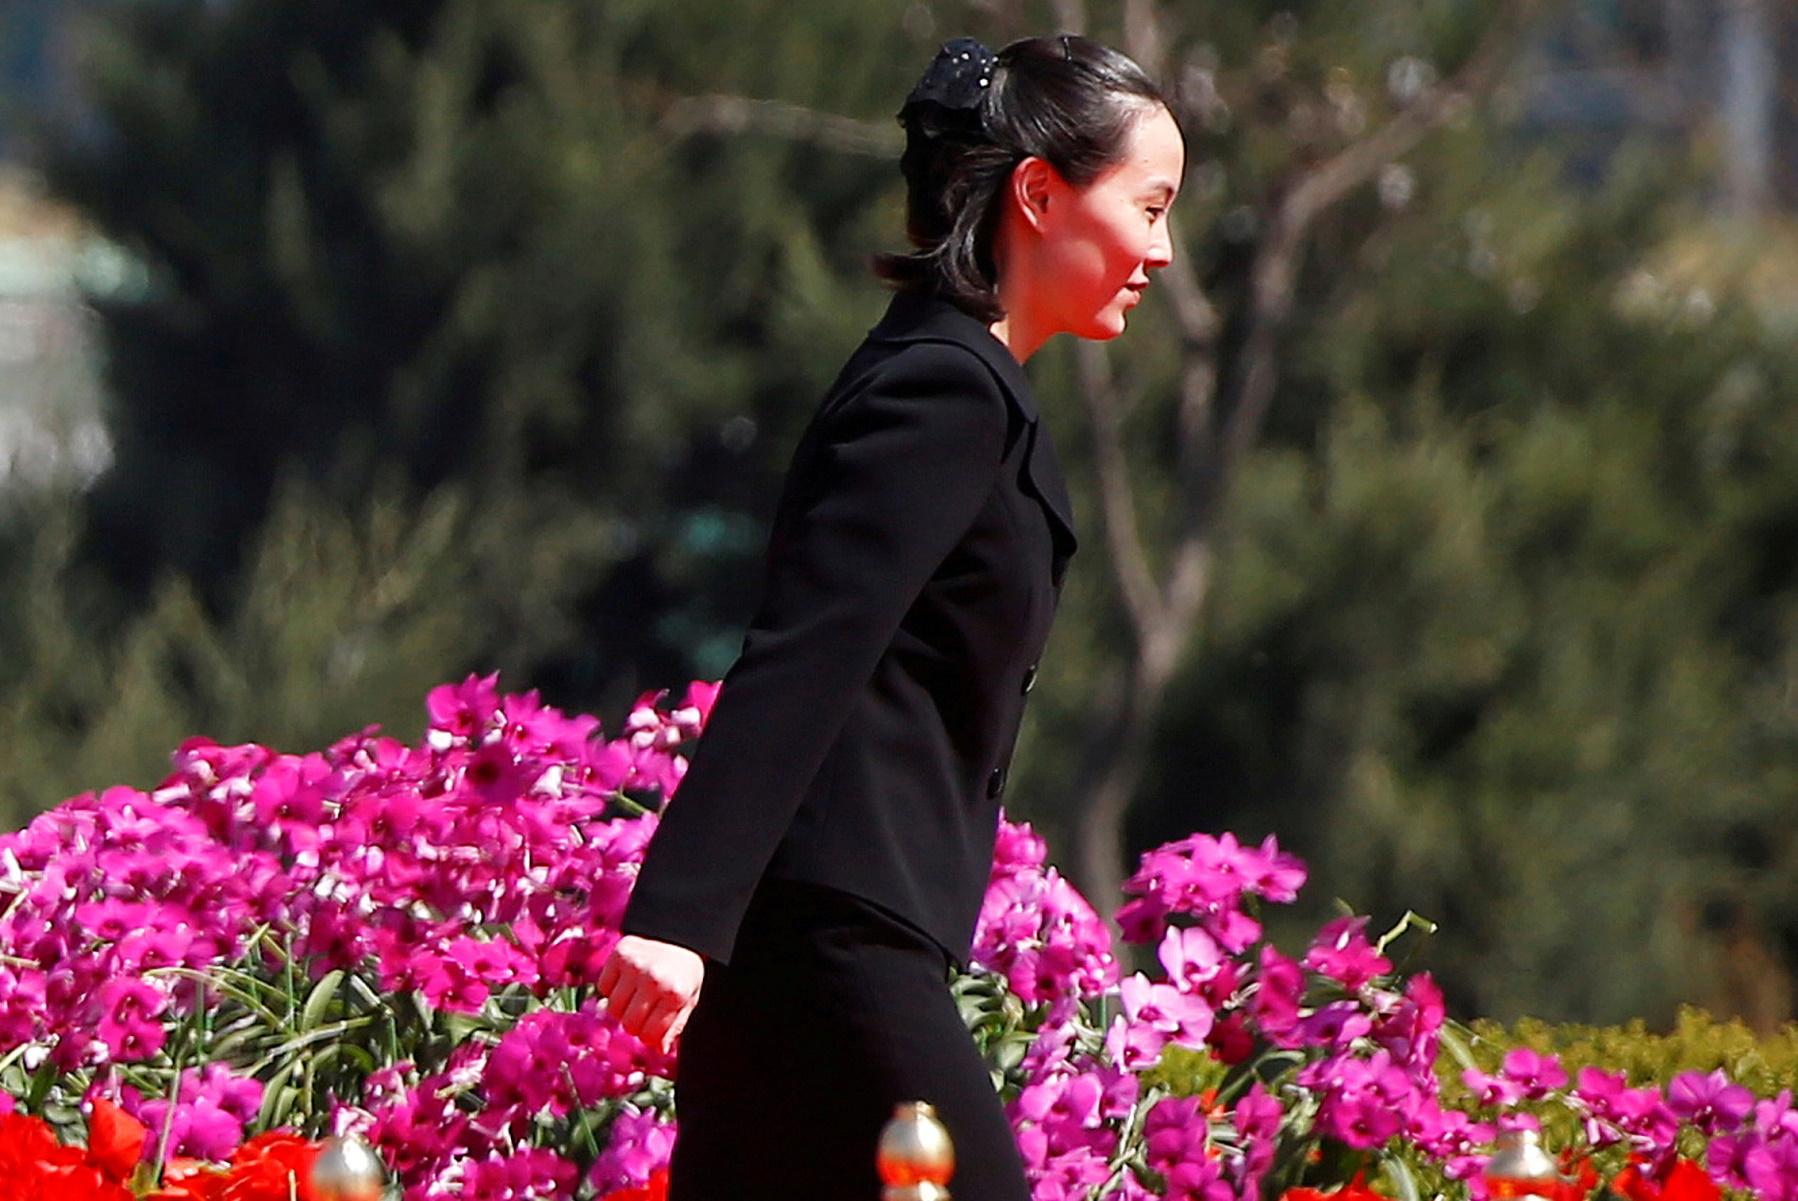 Βόρεια Κορέα: Η αδελφή του Κιμ Γιονγκ Ουν απειλεί τη Σεούλ επειδή αμφισβητεί τα «μηδενικά κρούσματα» κορονοϊού